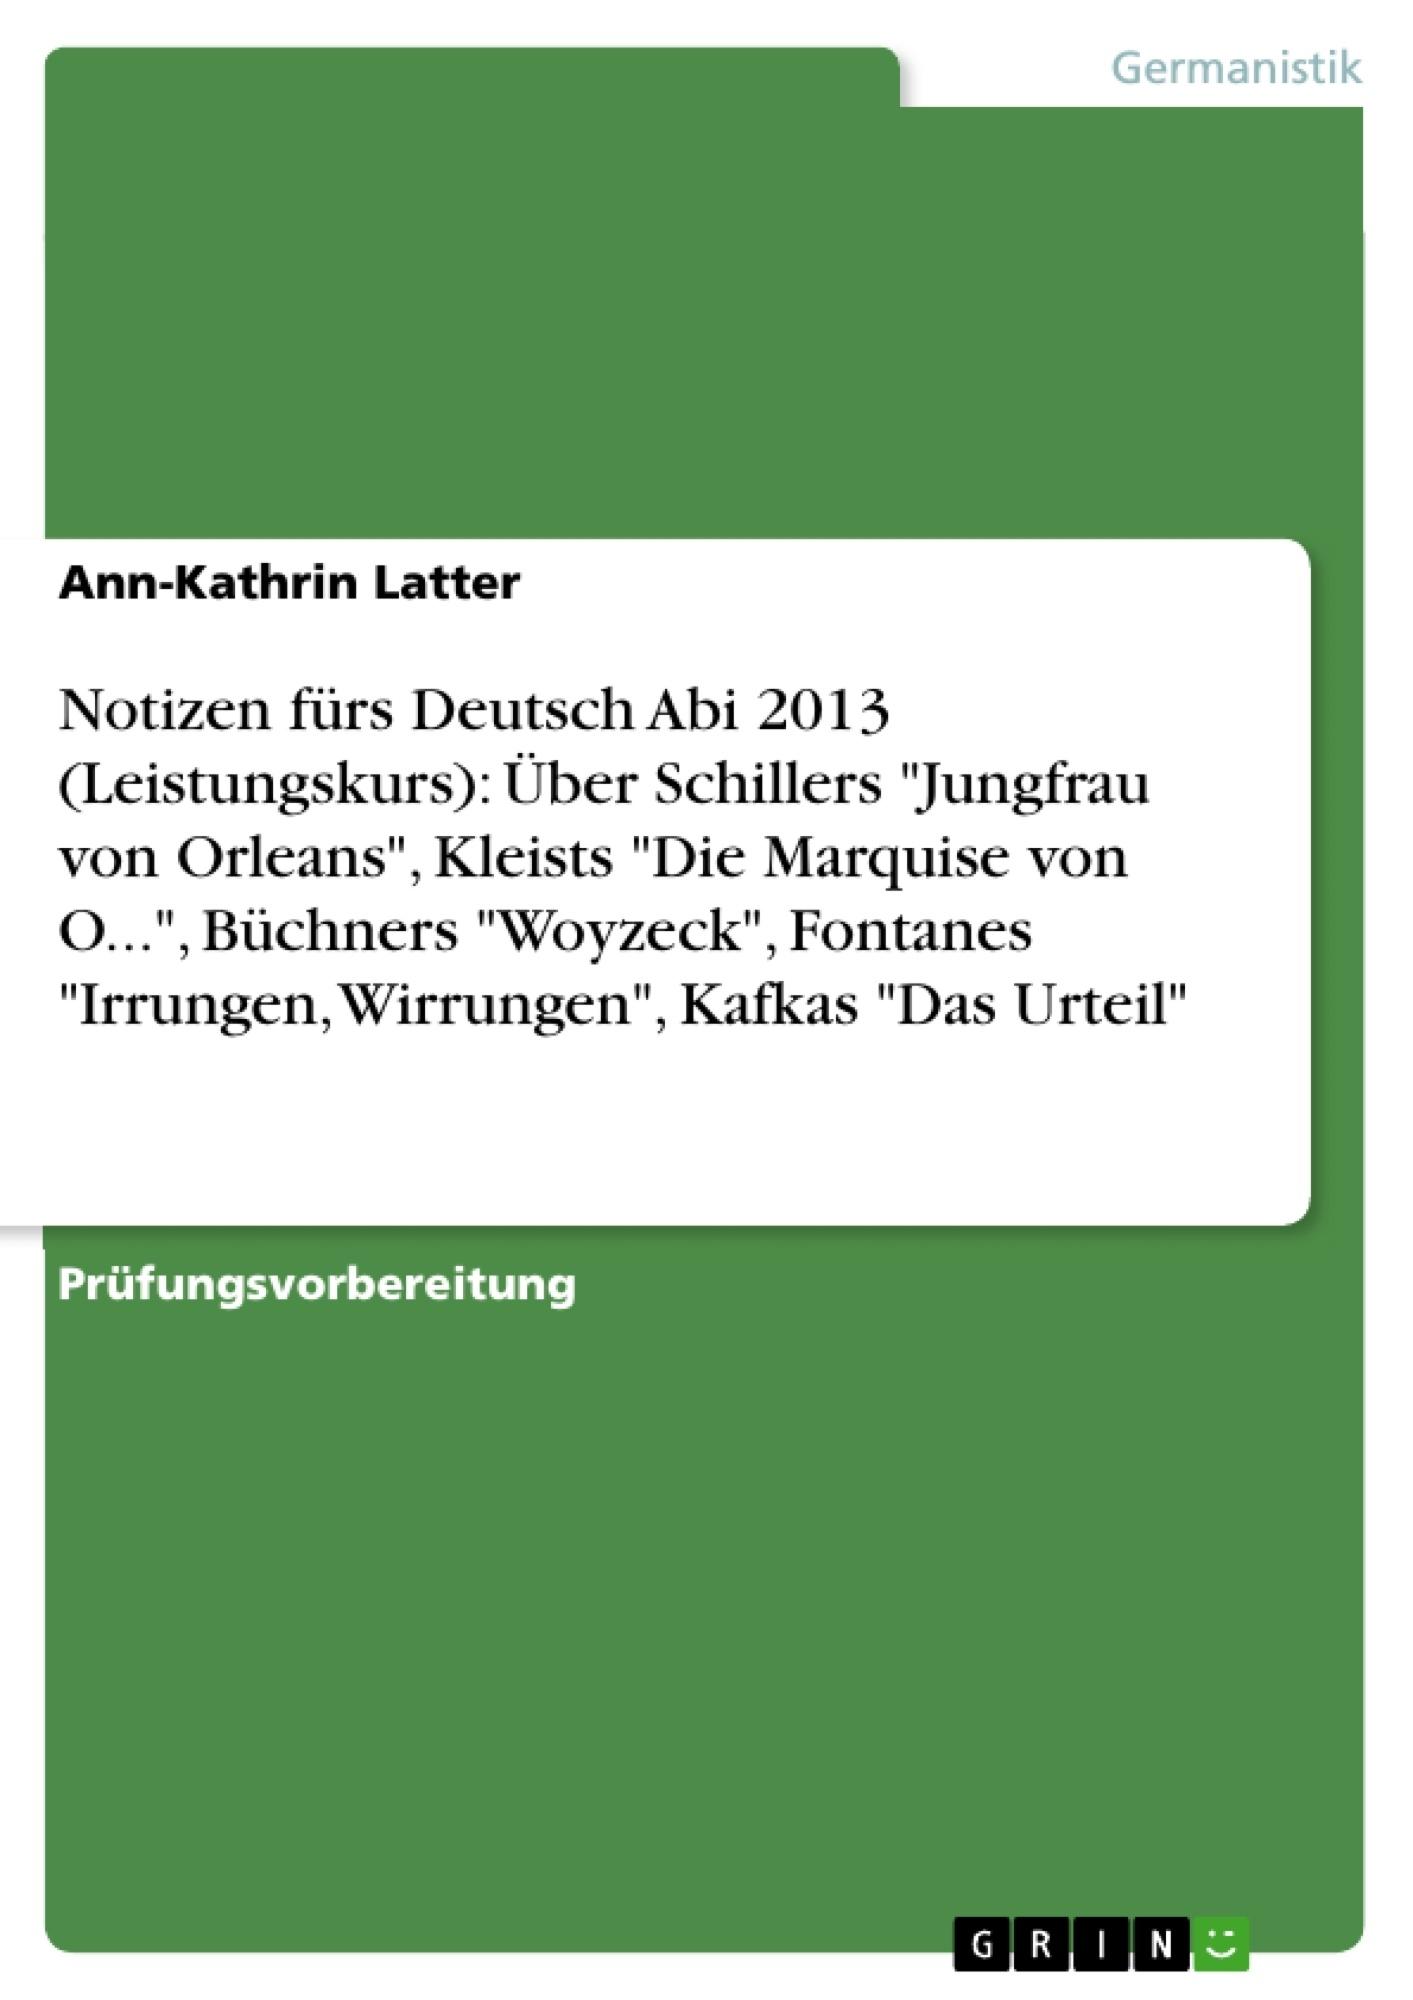 """Titel: Notizen fürs Deutsch Abi 2013 (Leistungskurs): Über Schillers """"Jungfrau von Orleans"""", Kleists """"Die Marquise von O..."""",  Büchners """"Woyzeck"""",  Fontanes """"Irrungen, Wirrungen"""", Kafkas """"Das Urteil"""""""